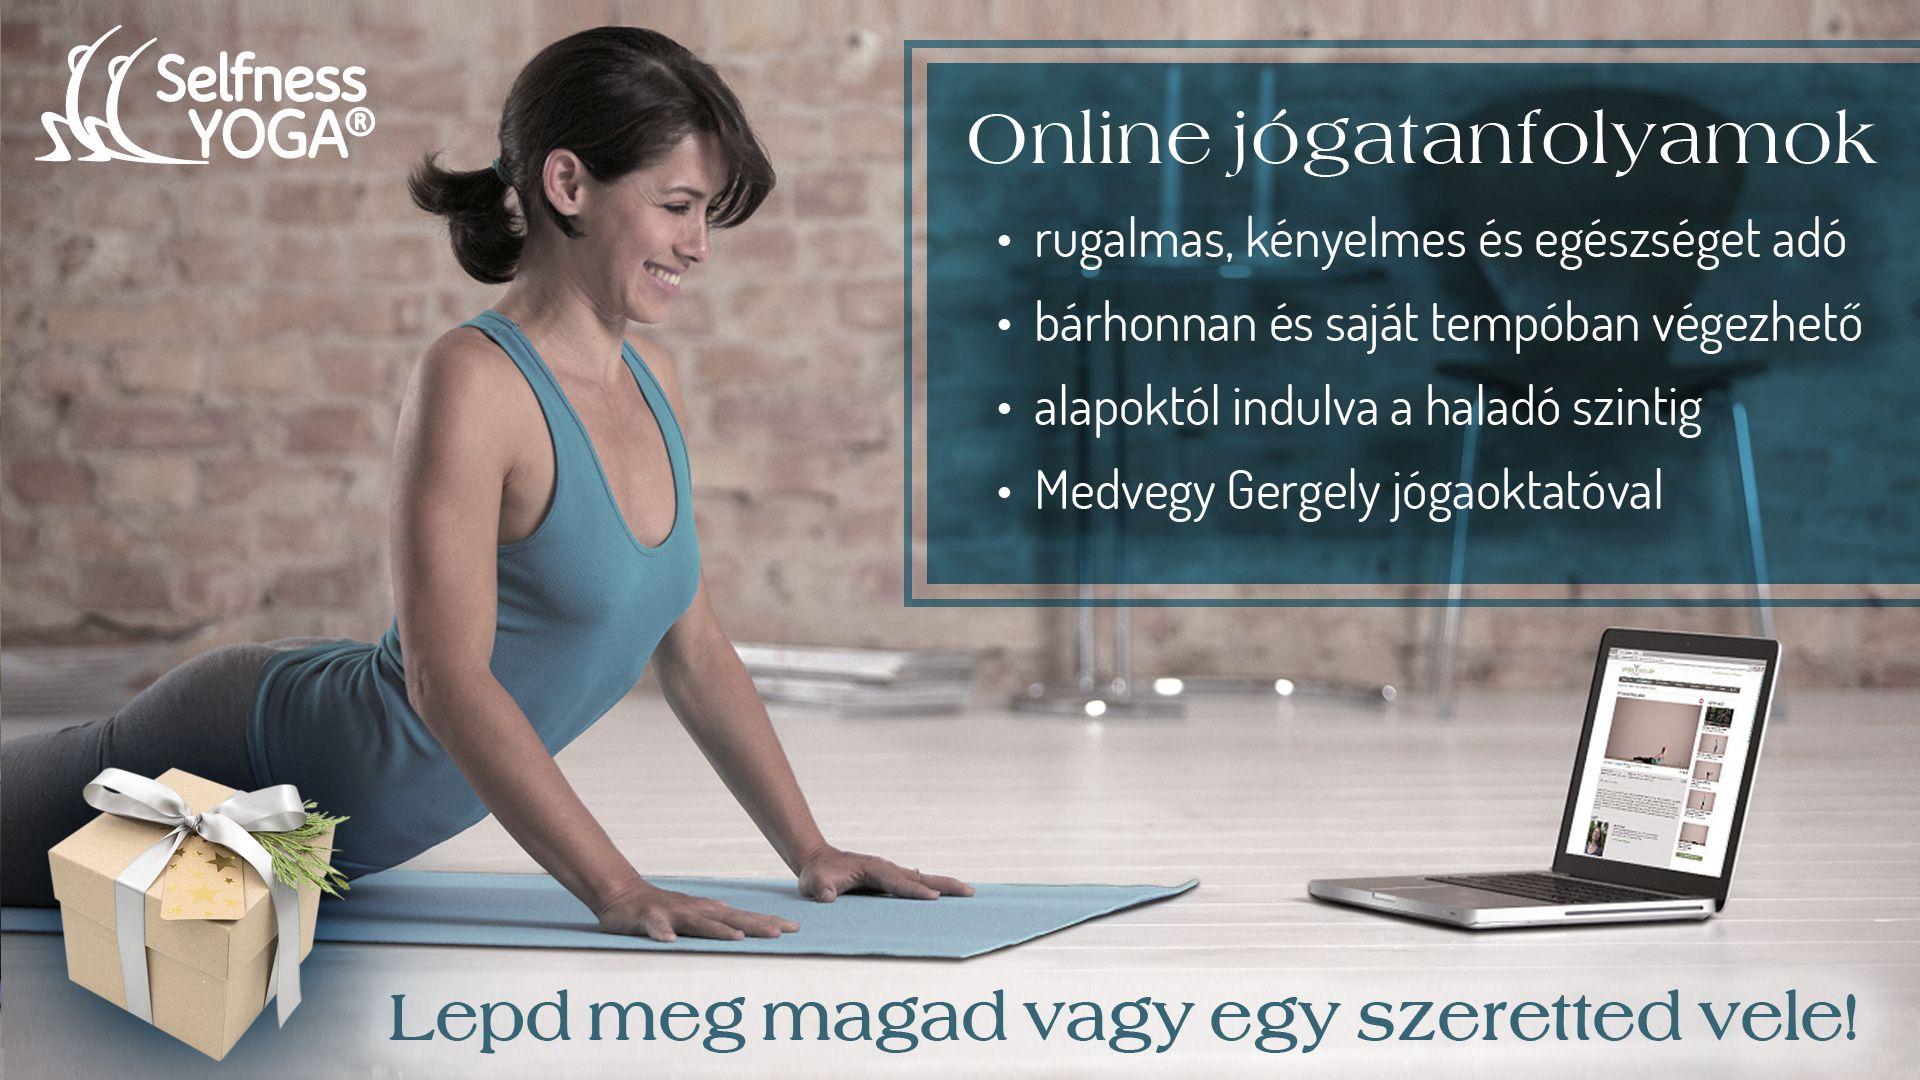 Megoldás a biztonságos otthoni jógázáshoz: online jógatanfolyamok